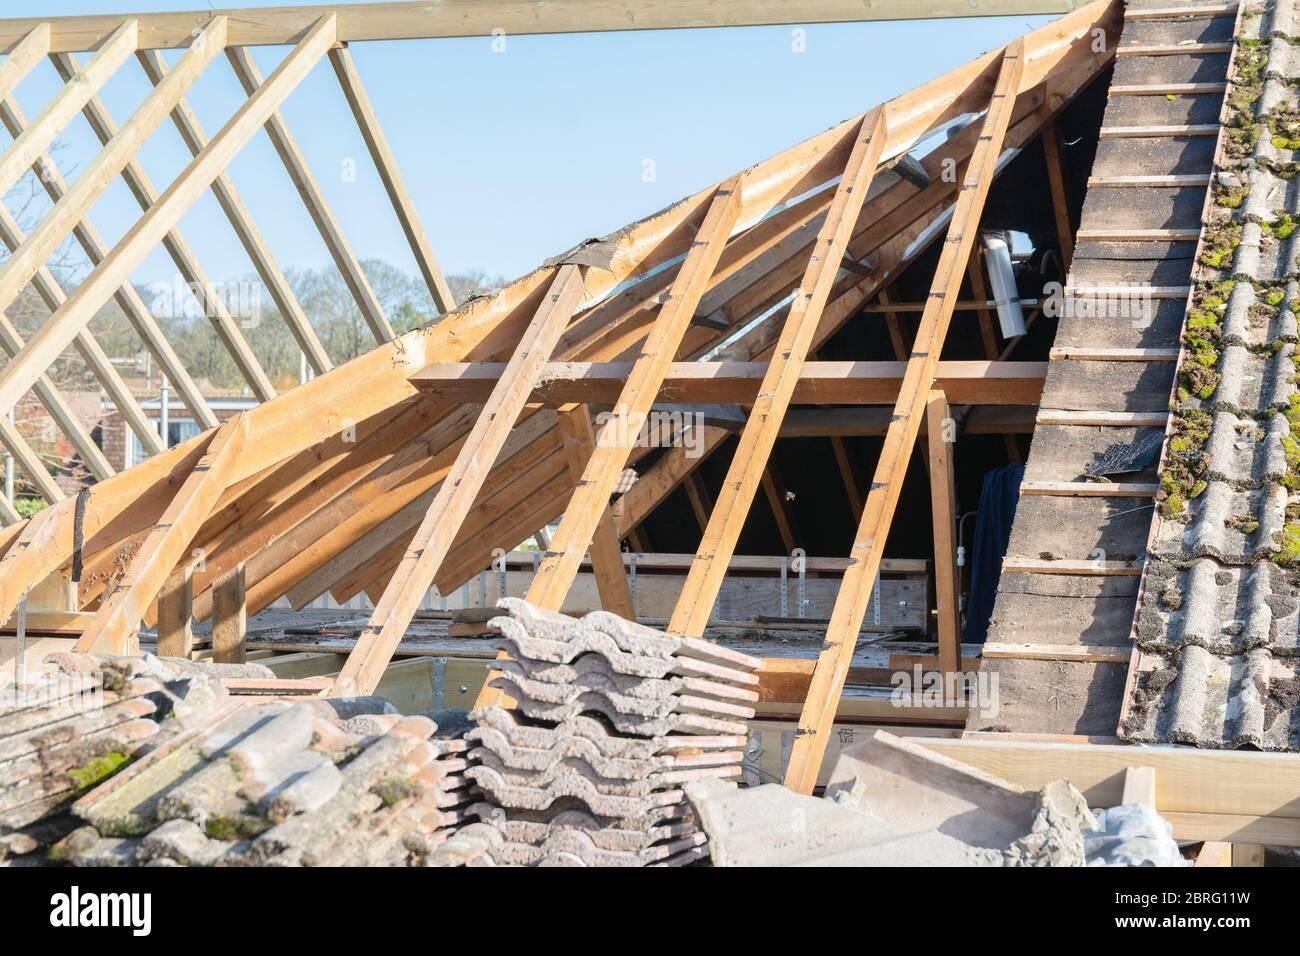 Les projets de rénovation. Construction d'extension de la maison existante, charpente en bois non fini, selective focus Banque D'Images